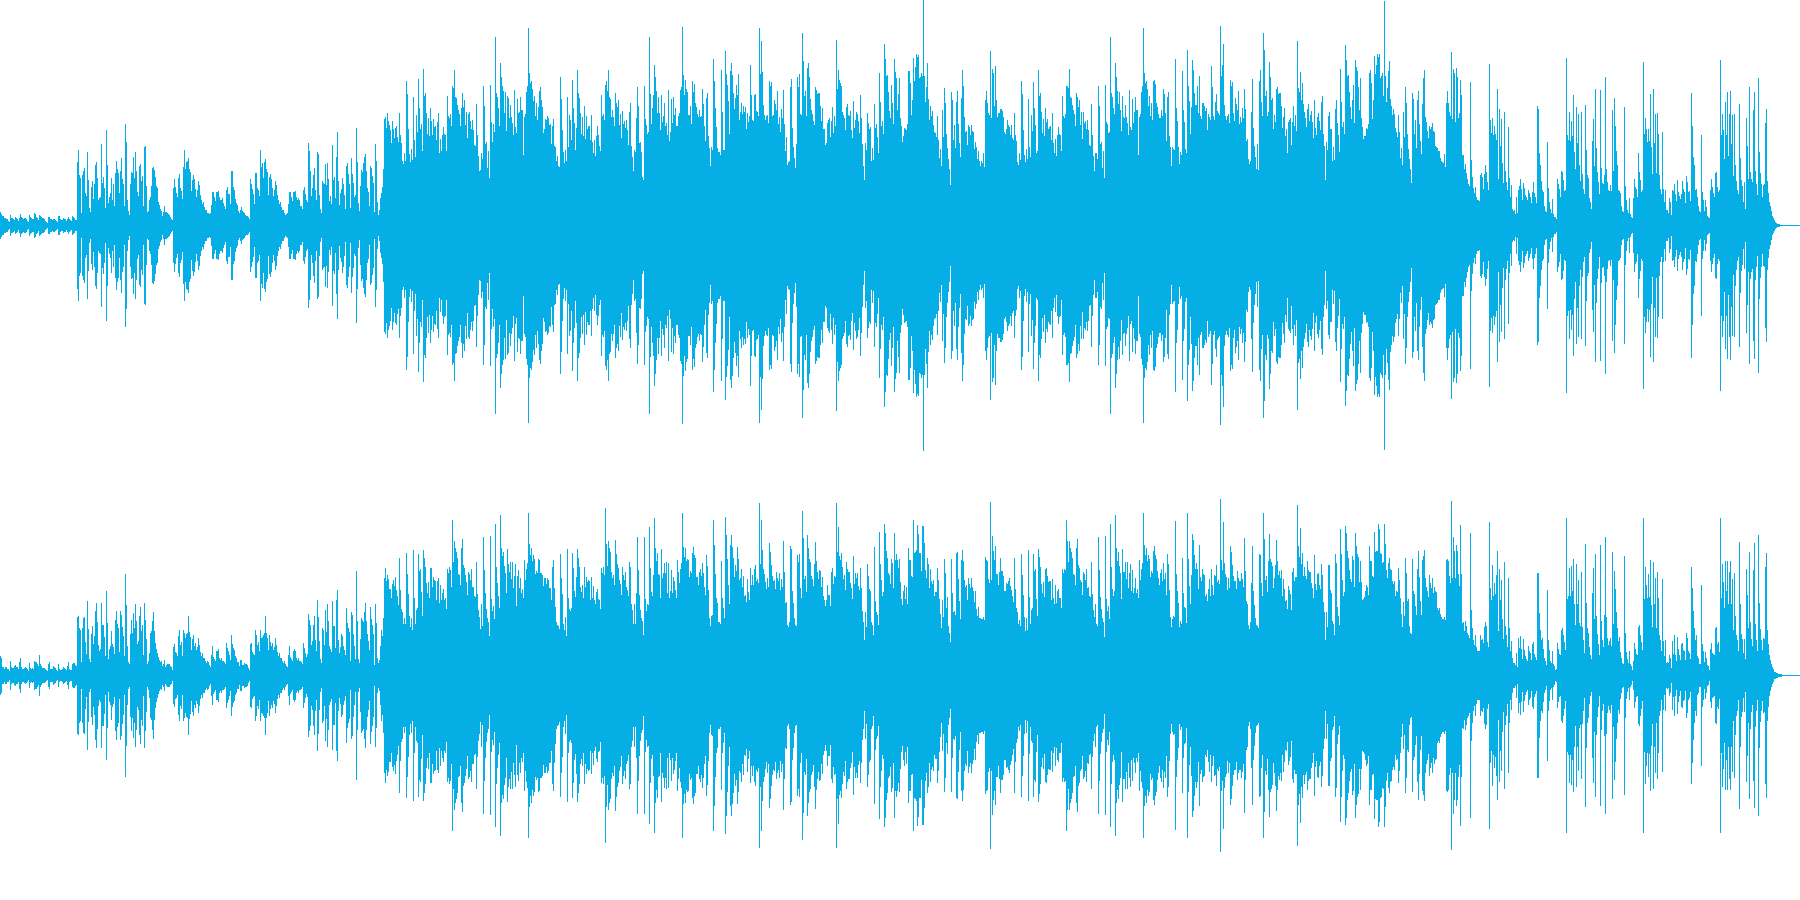 躍動感あるピアノが印象的なポップな曲ですの再生済みの波形